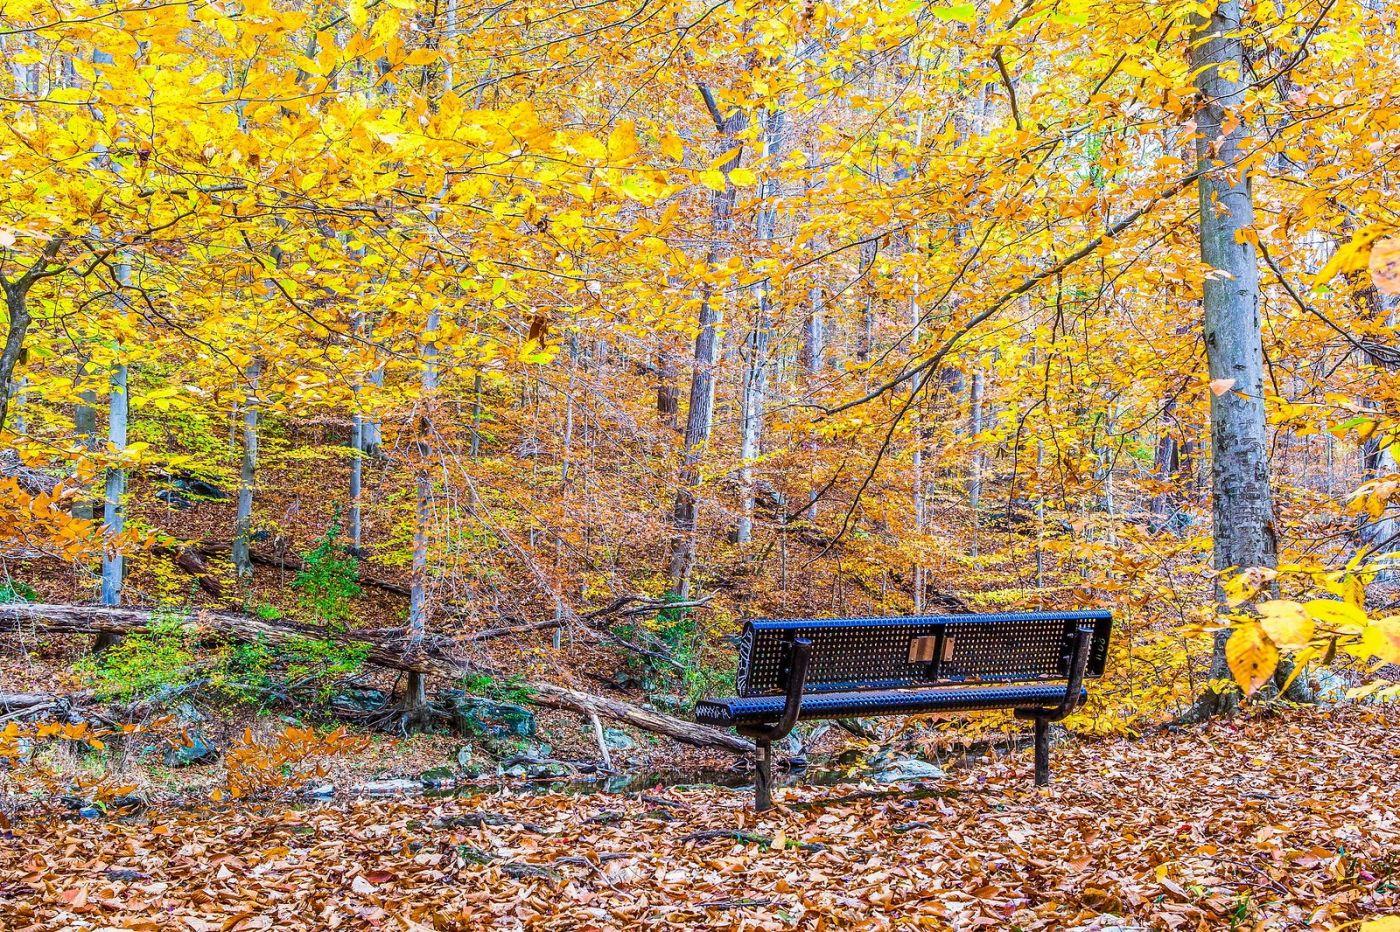 宾州雷德利克里克公园(Ridley creek park),迷人的秋色_图1-24